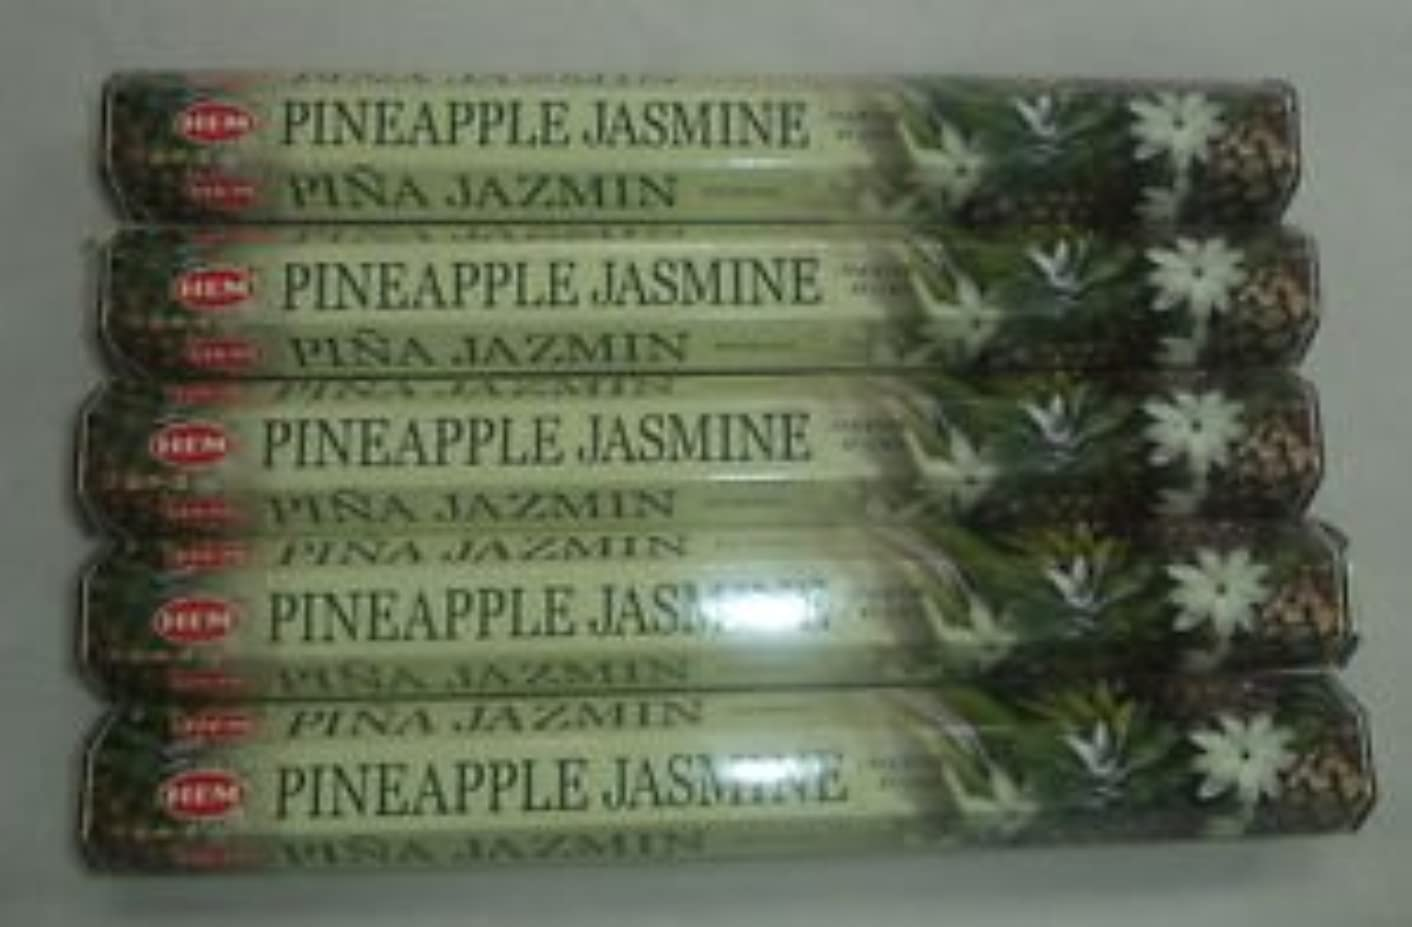 本物のお別れ手首HEM パイナップル ジャスミン お香スティック 100本 (20本入りパック x 5)